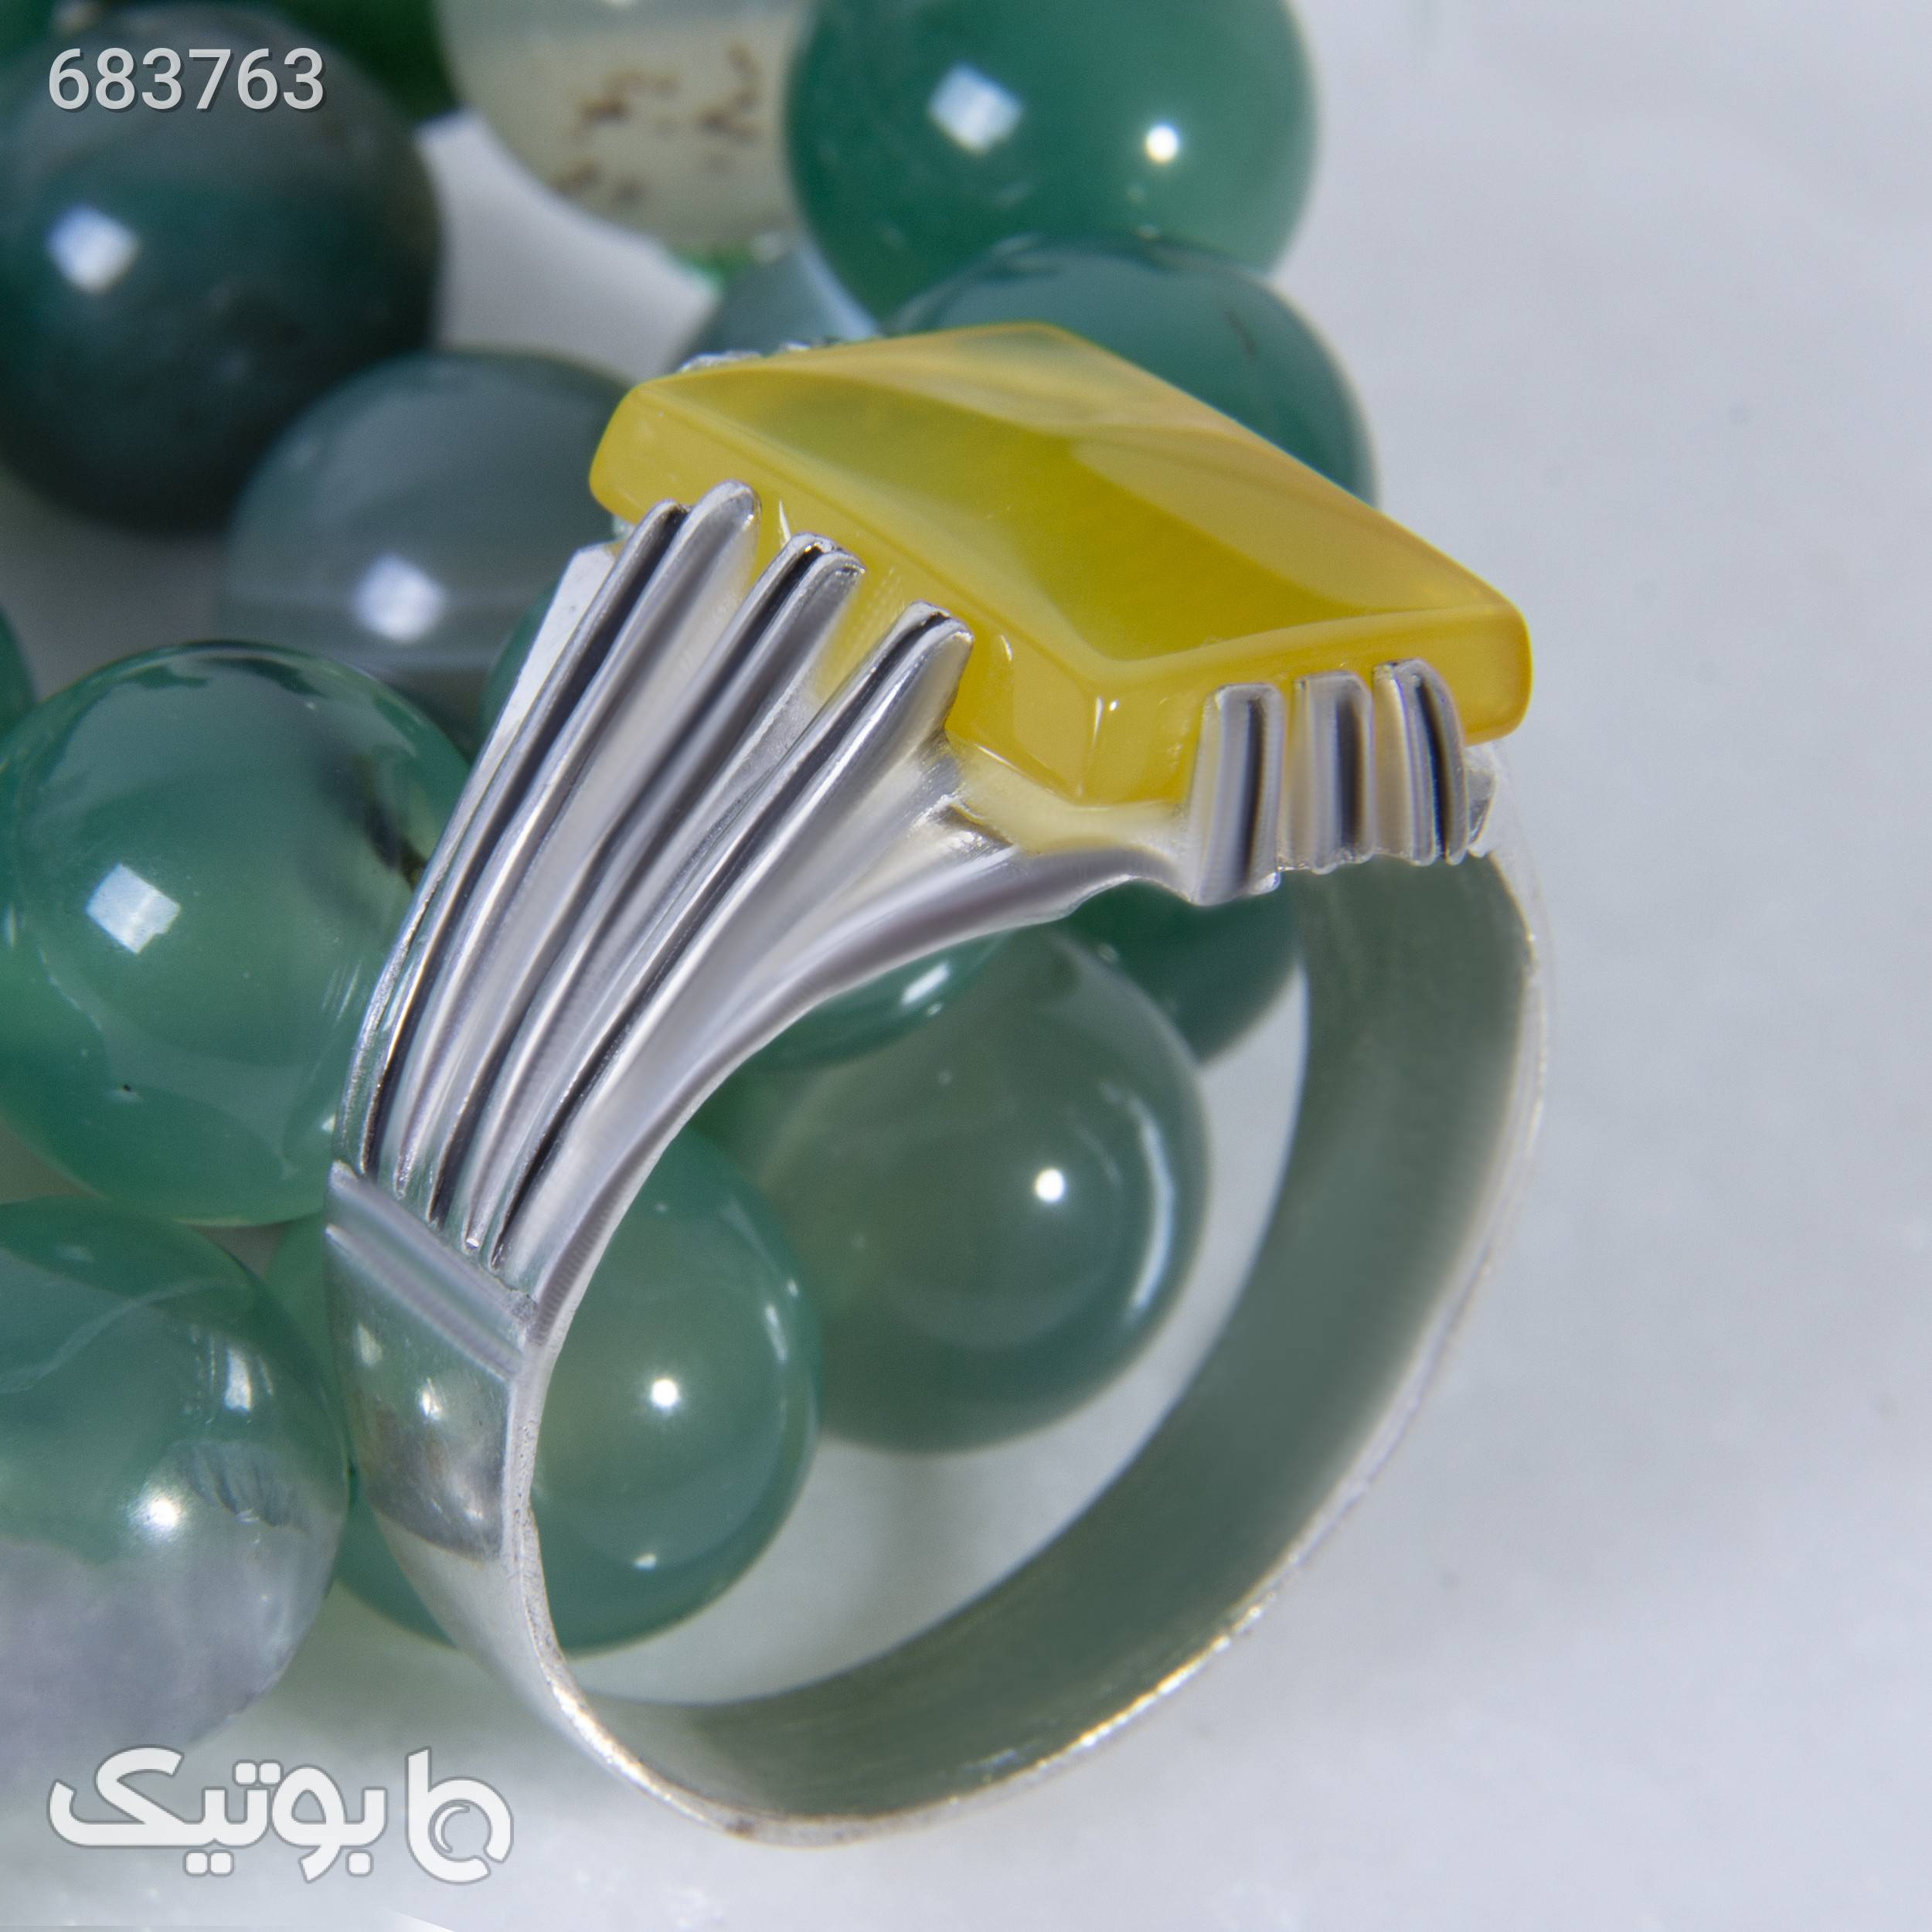 انگشتر نقره مردانه بازرگانی میلادی کدAM_054 نقره ای انگشتر